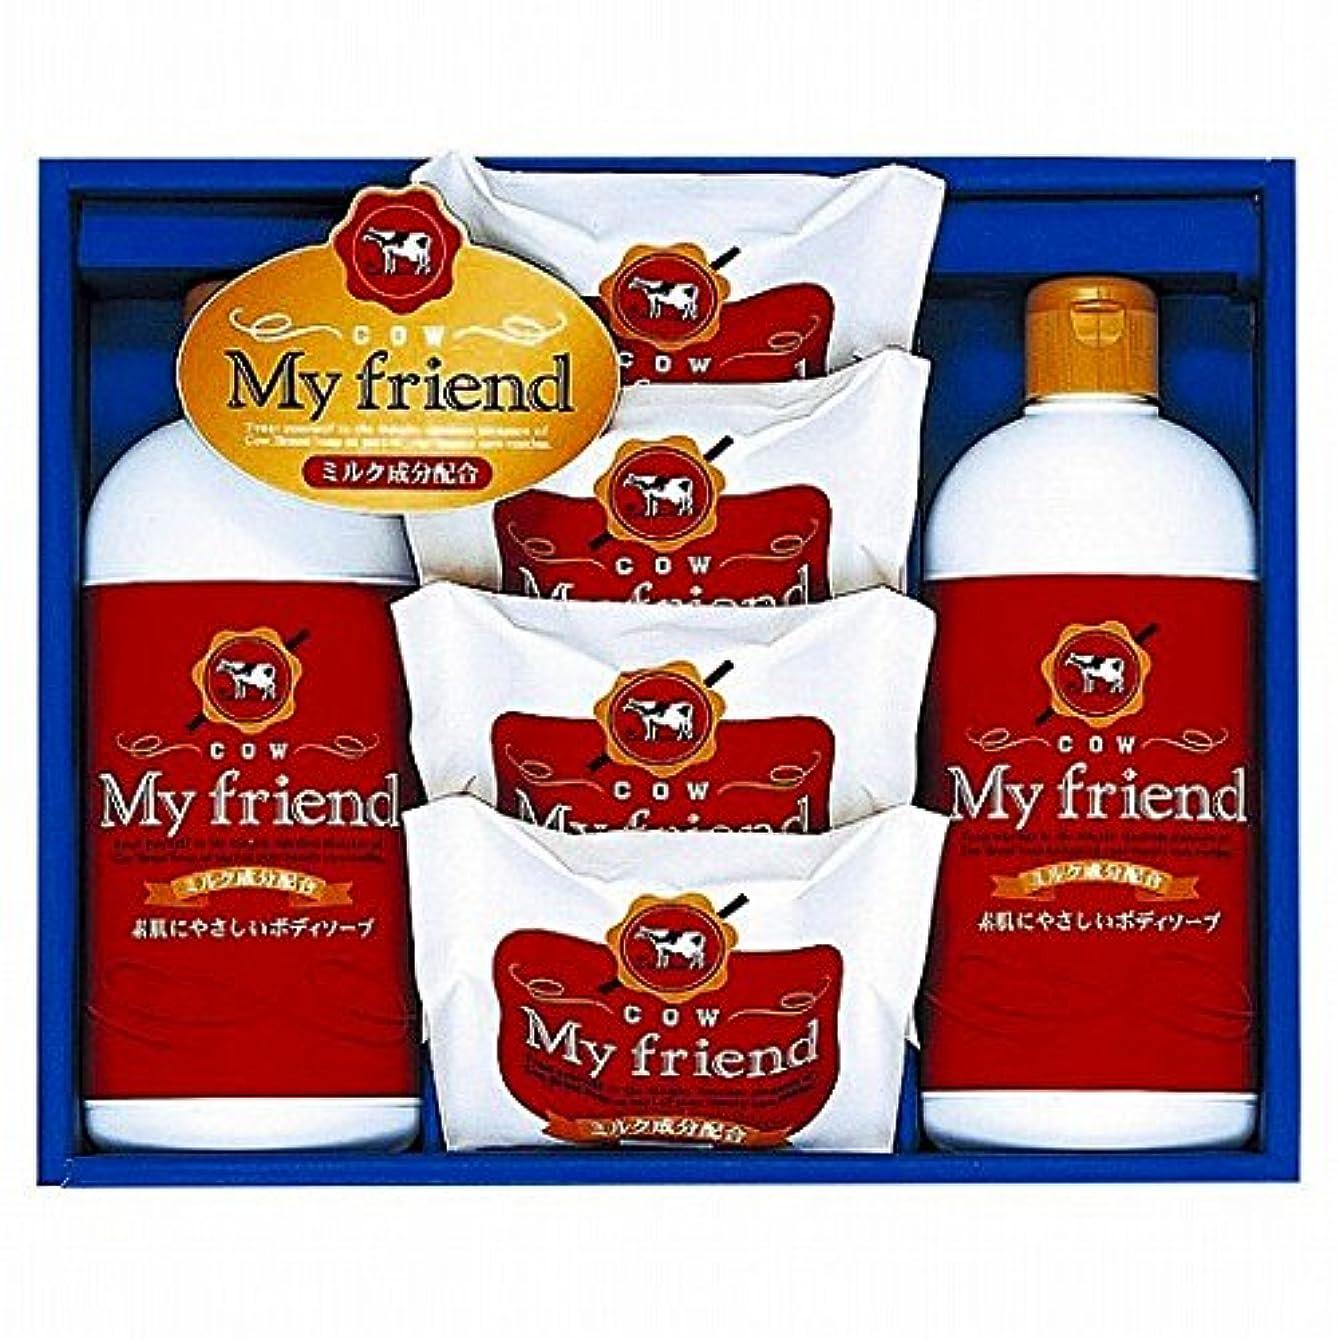 リーク悪化させるトリムnobrand 牛乳石鹸 マイフレンドボディソープセット (21940008)